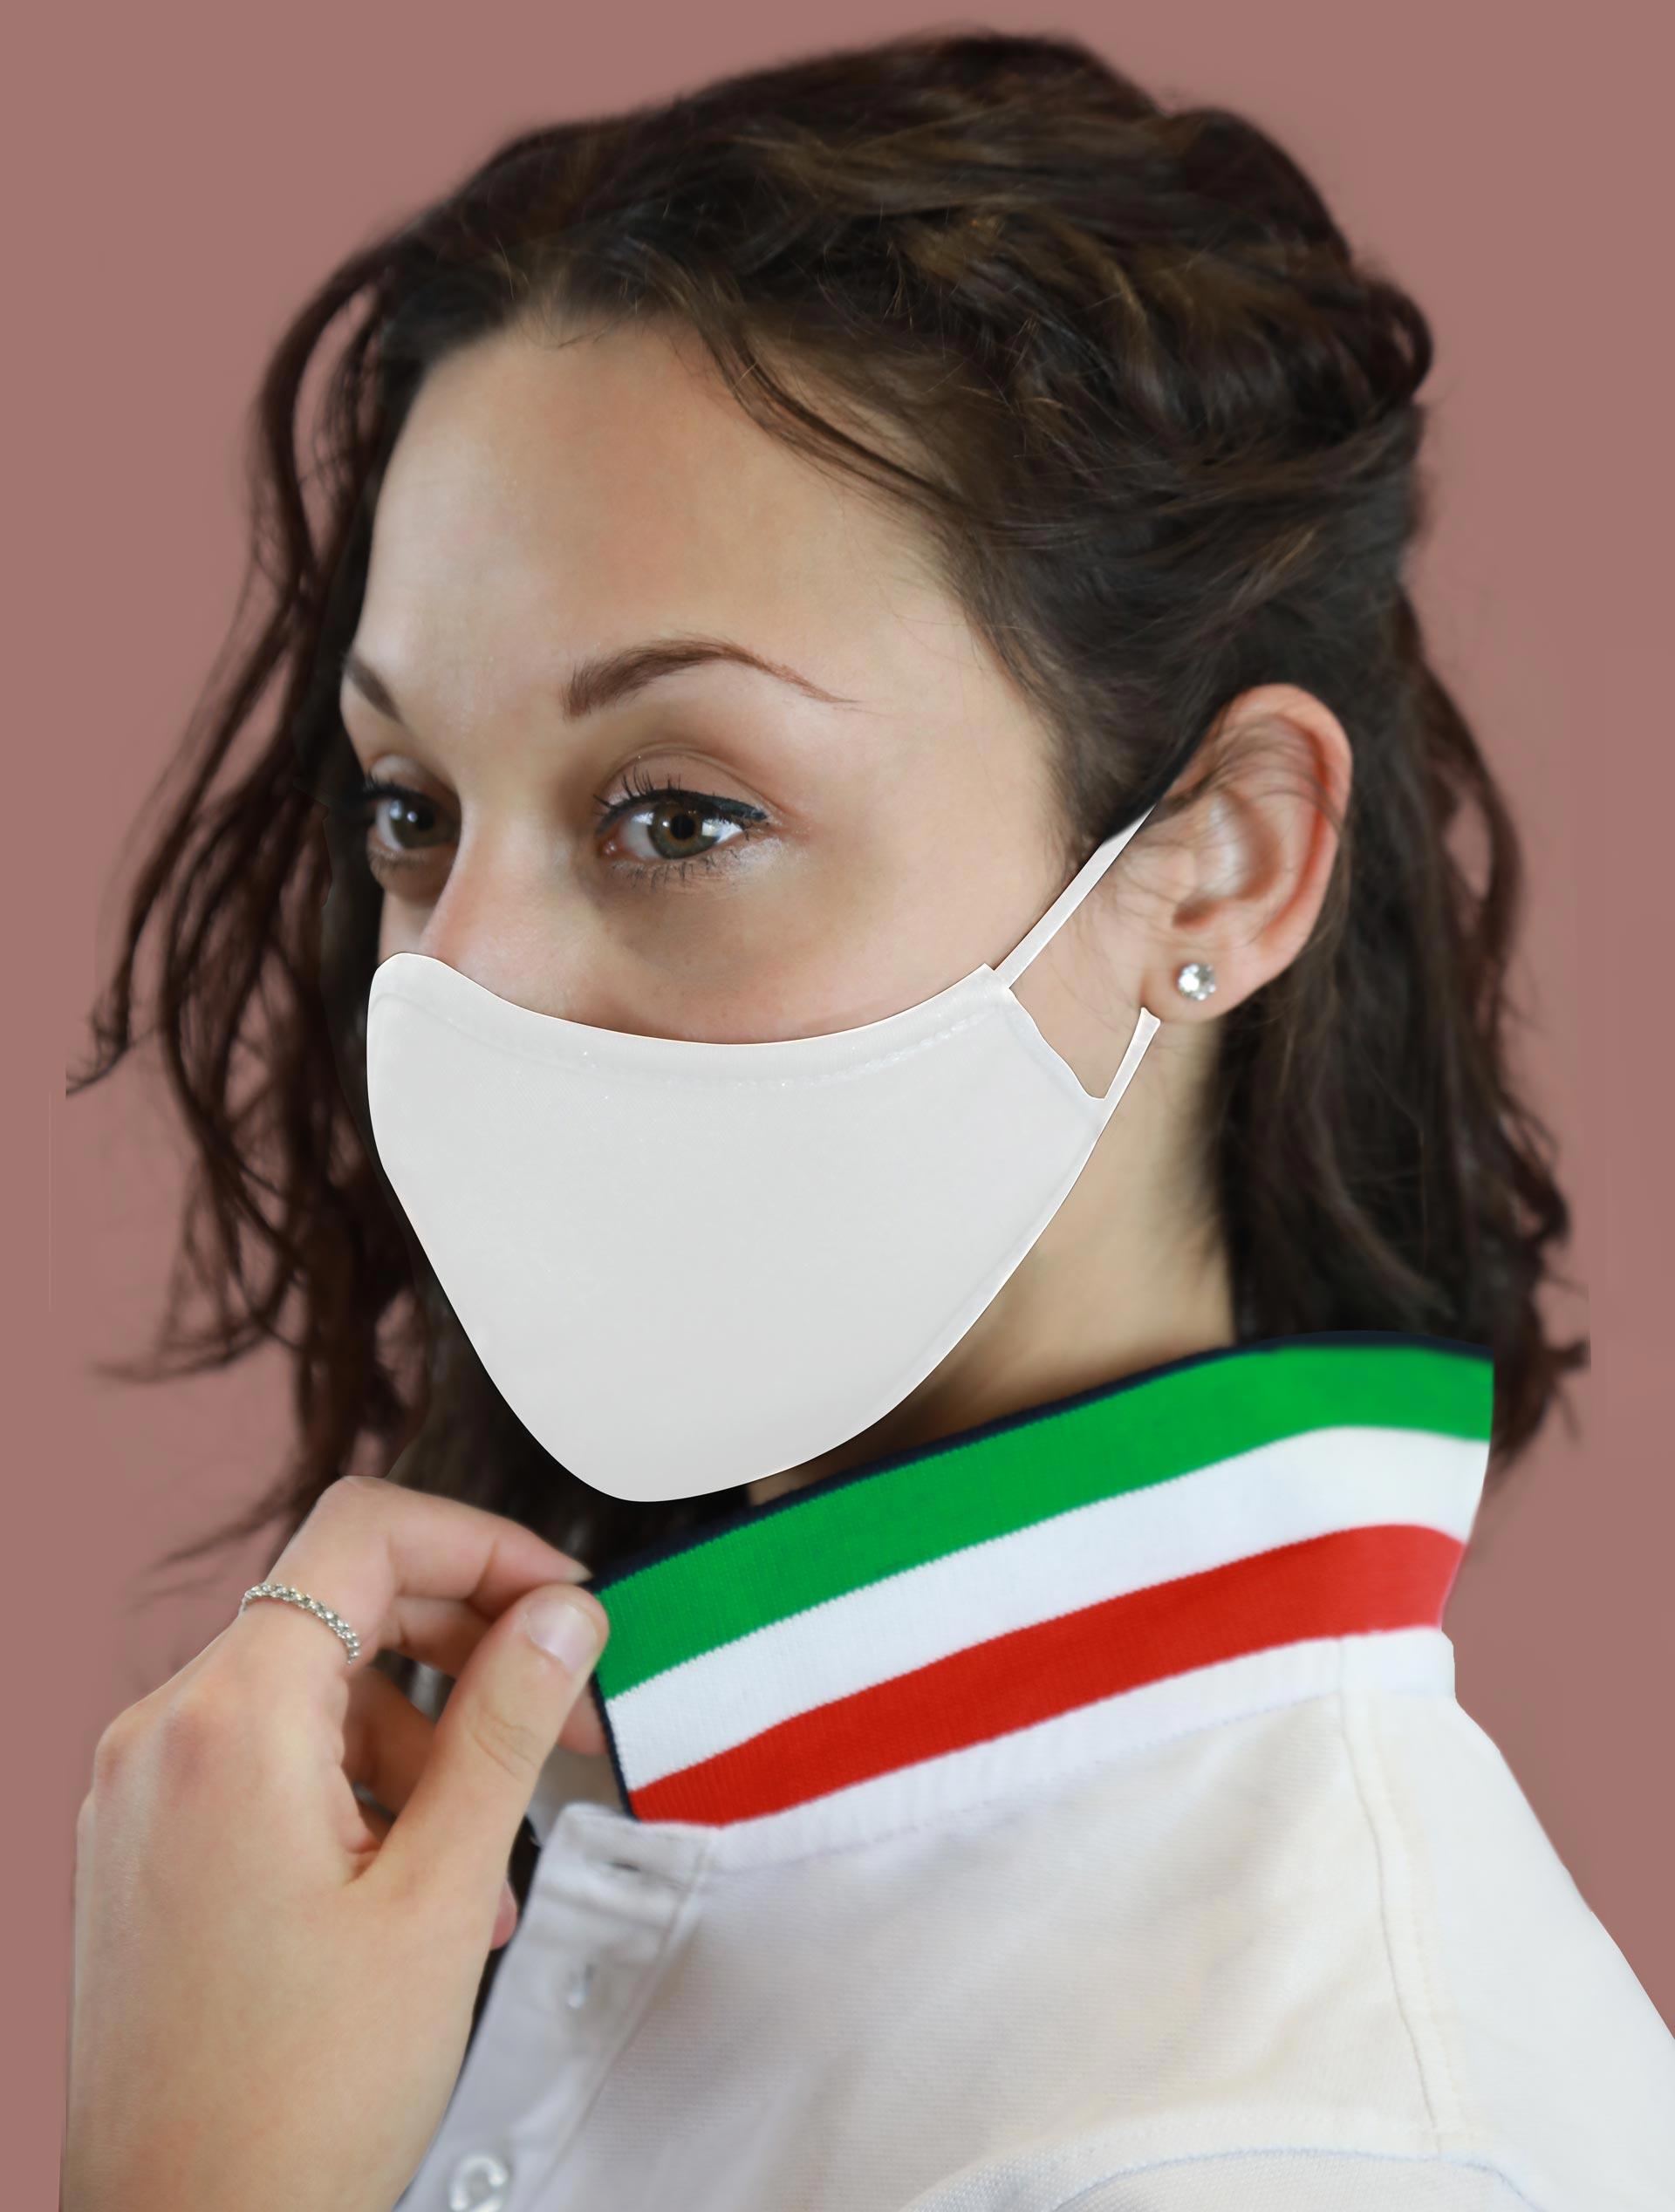 Polo bianca con dettaglio tricolore e mascherina bianca